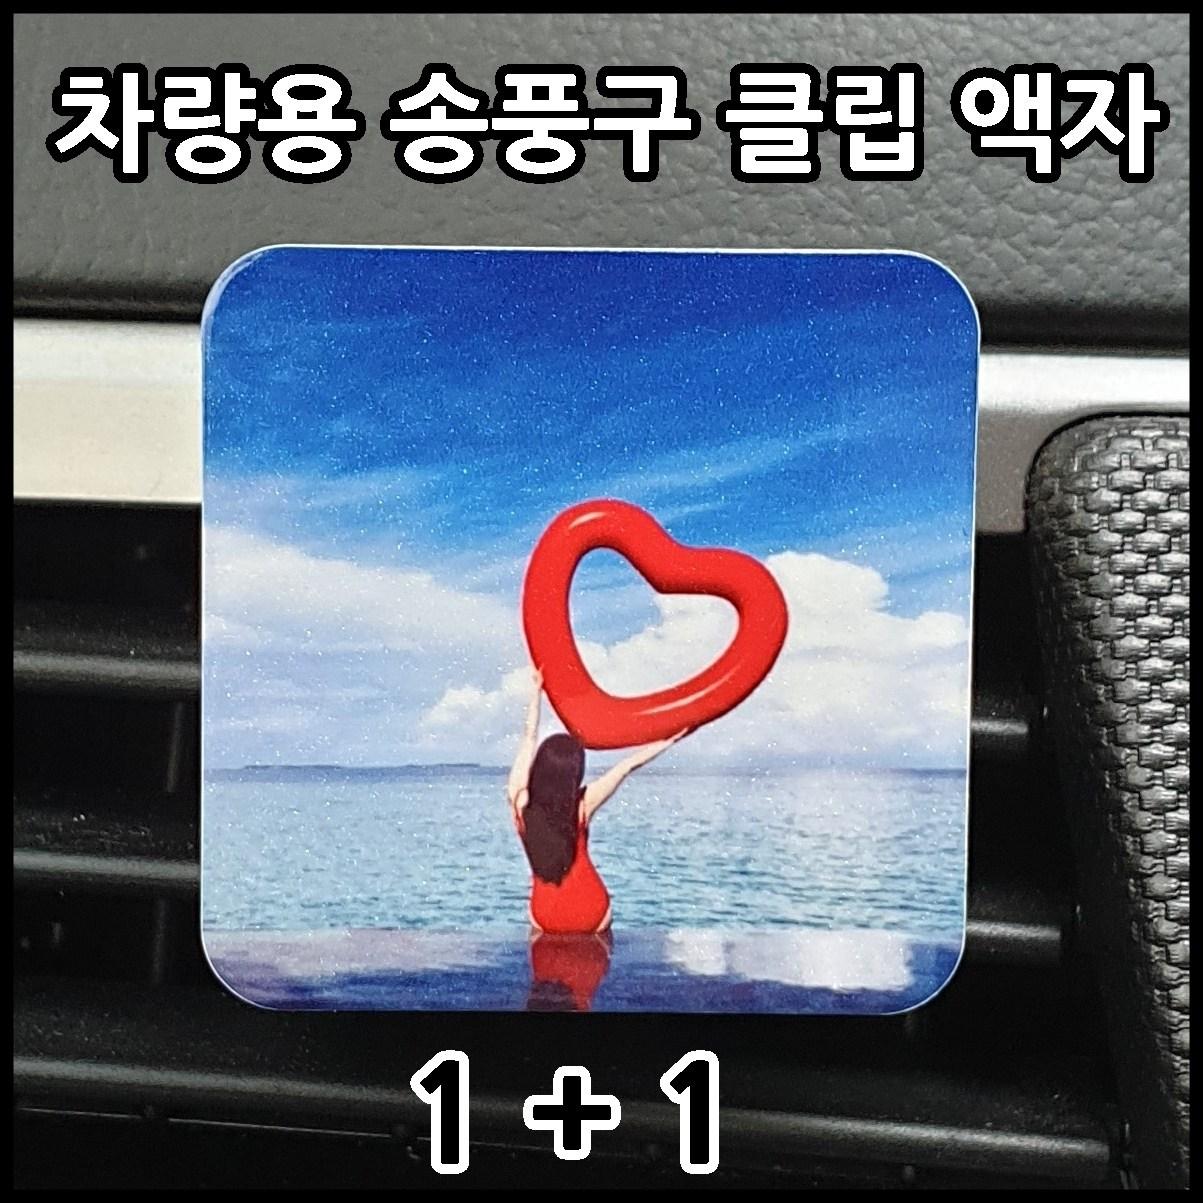 1+1 차량용 송풍구 클립 액자, 정사각 (POP 1999019270)